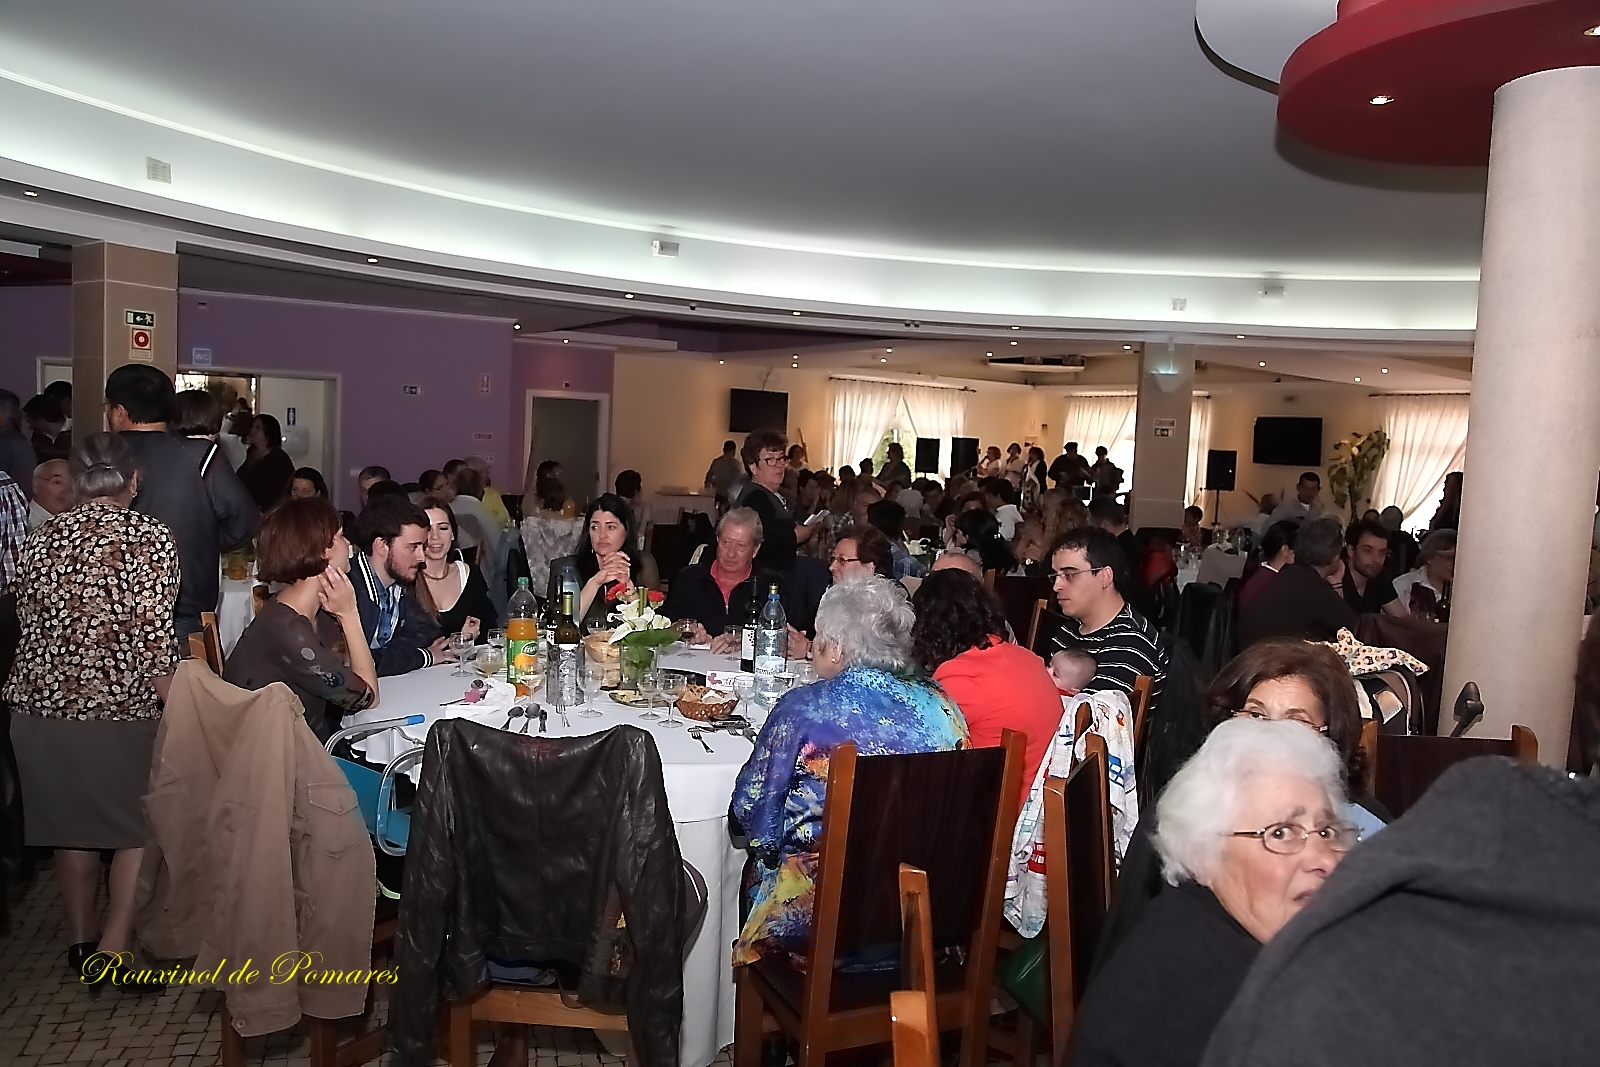 Almoço Comemoração 95 Anos Sociedade  (34)